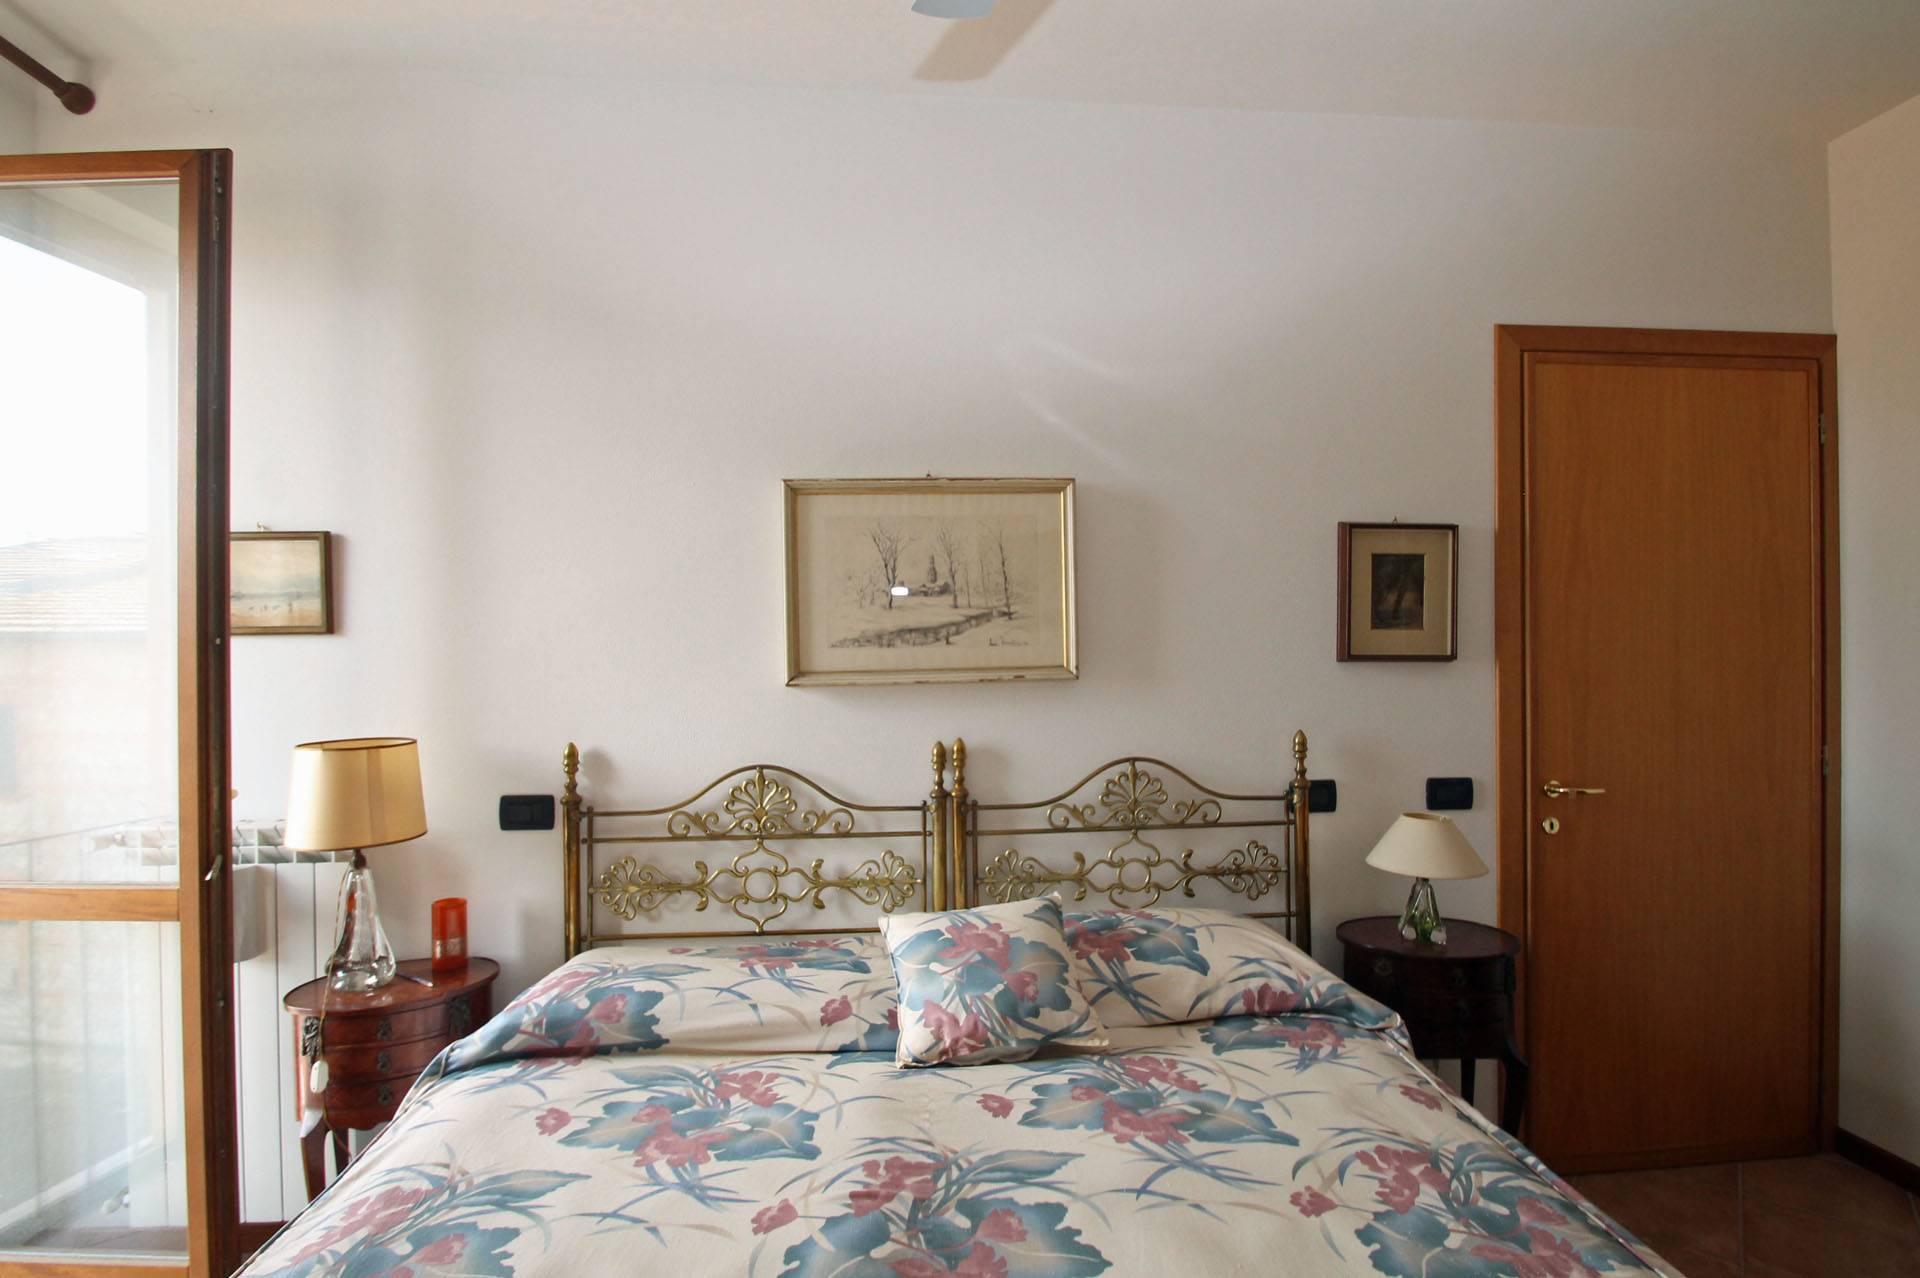 R43-camera da letto